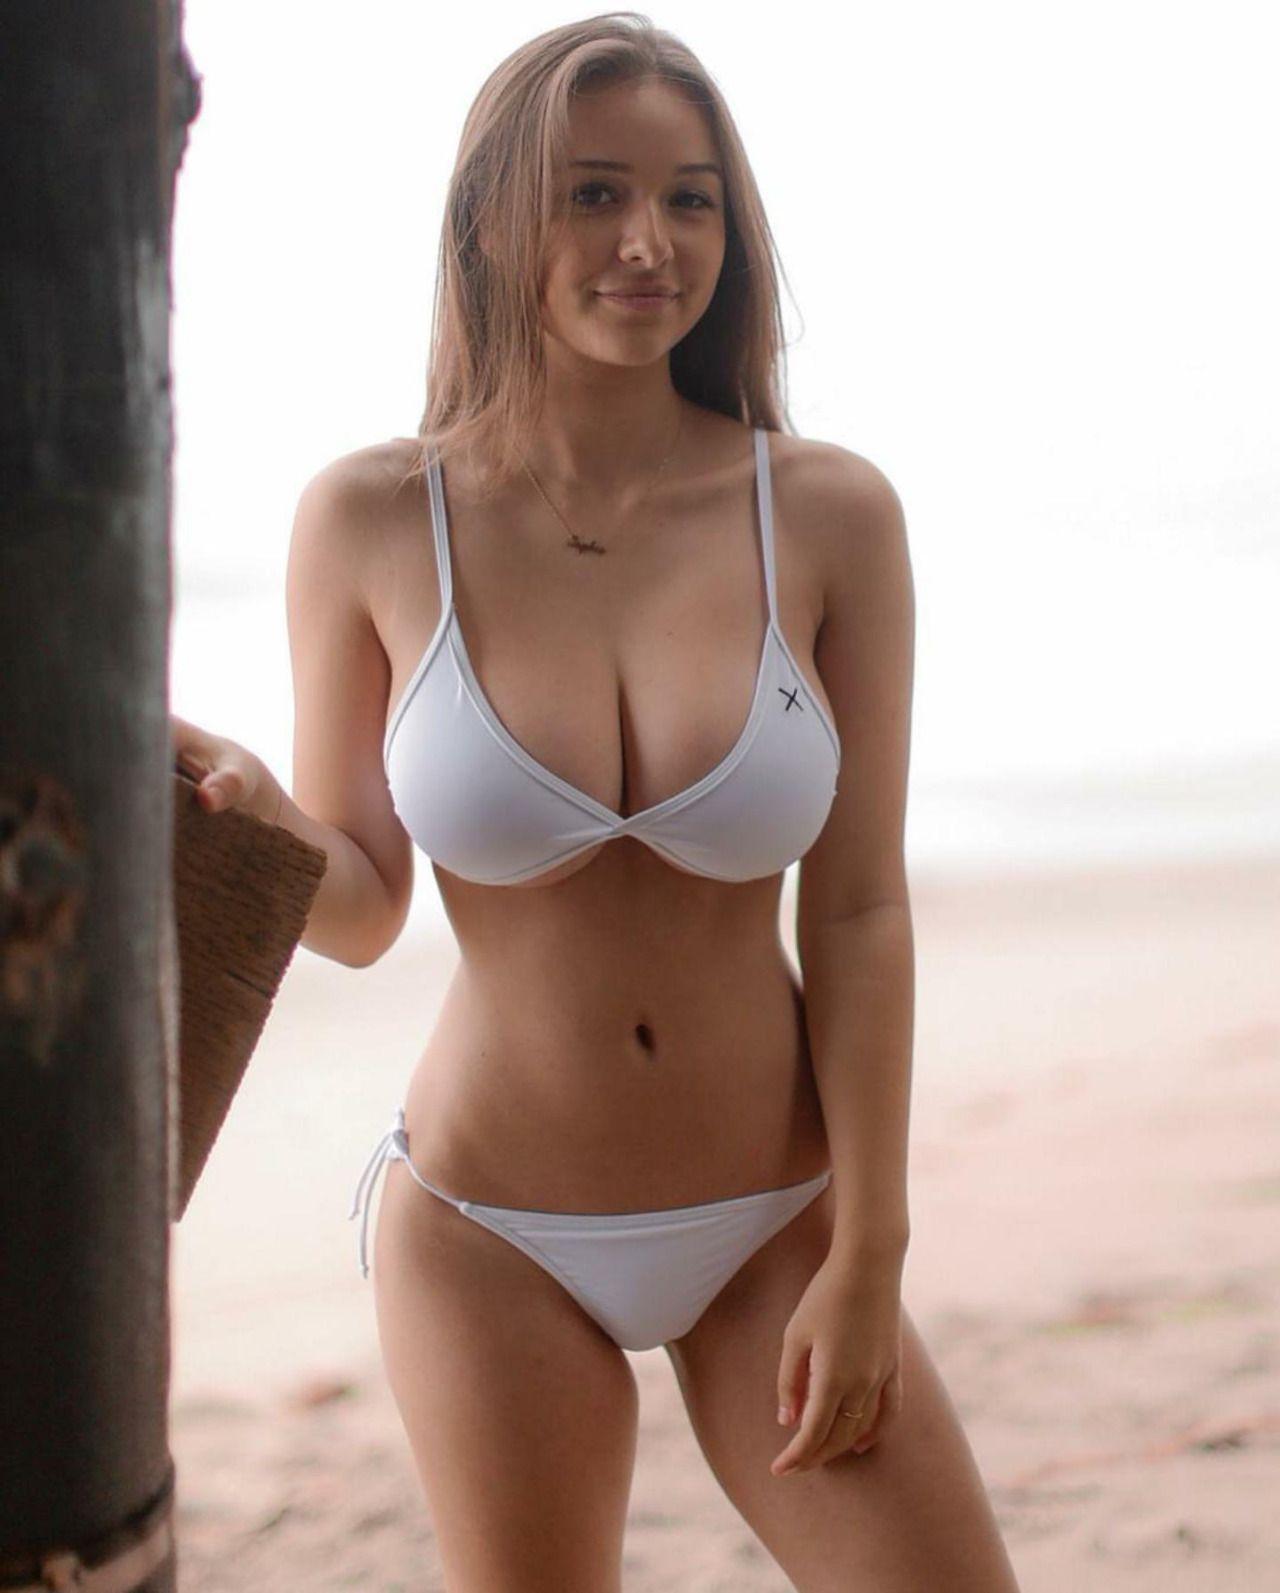 the breasts of doom : photo | nenas | pinterest | swimwear